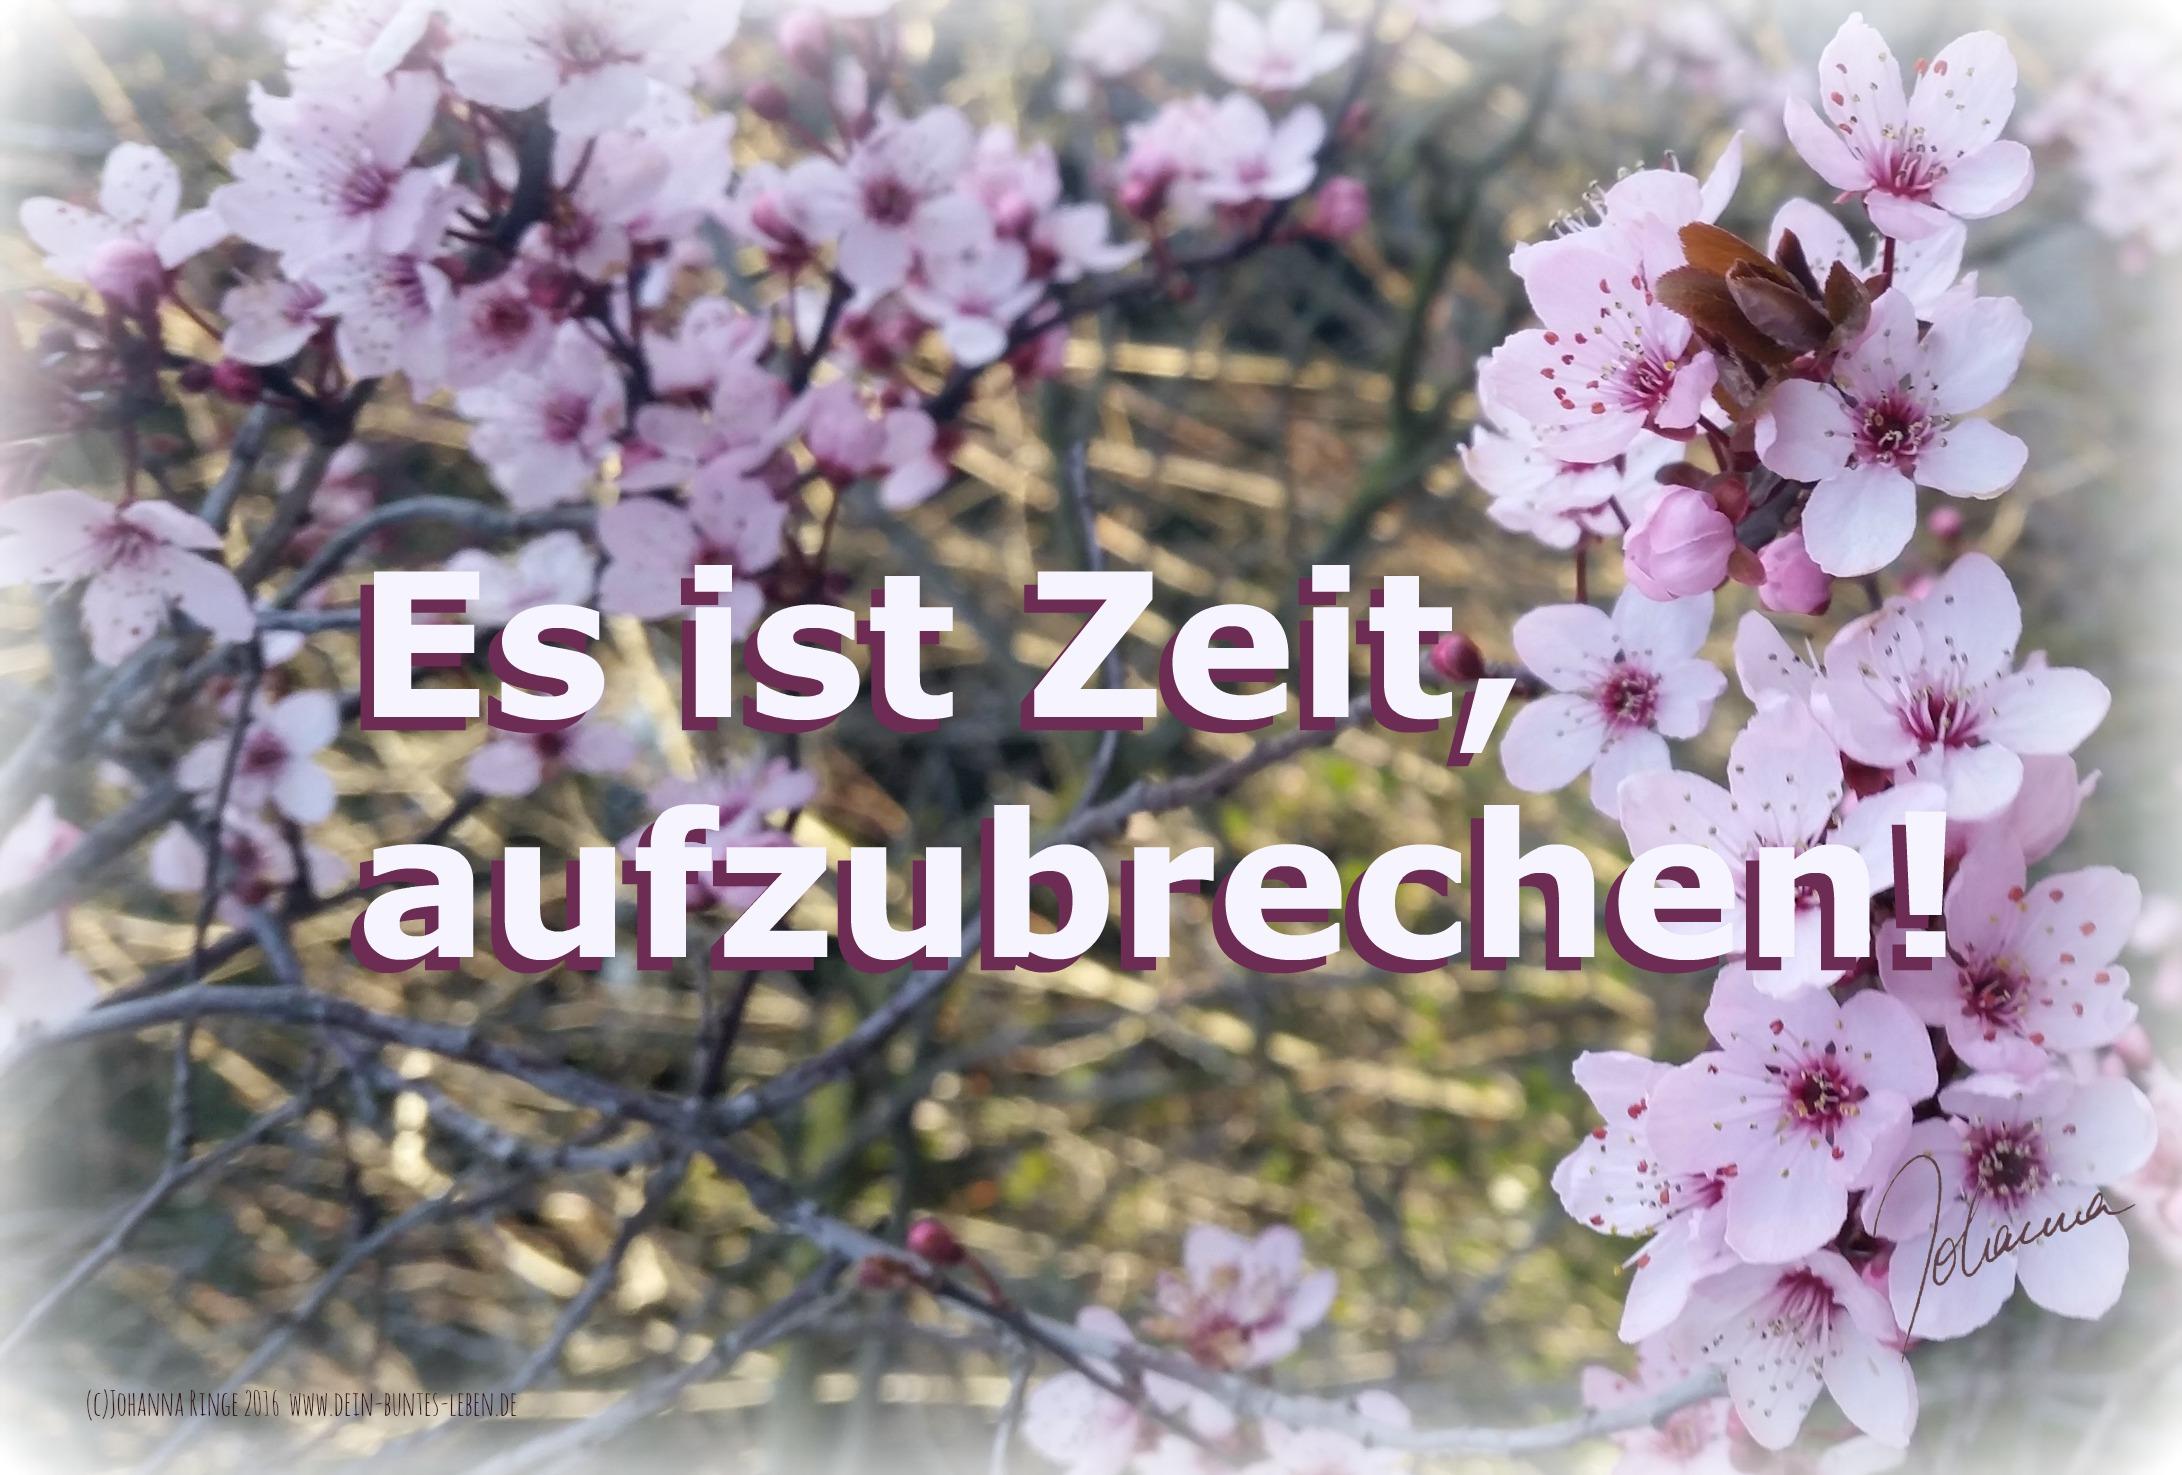 Dein Weg zum Glück: Es ist Zeit aufzubrechen! (c) Johanna Ringe 2016 www.dein-buntes-leben.de